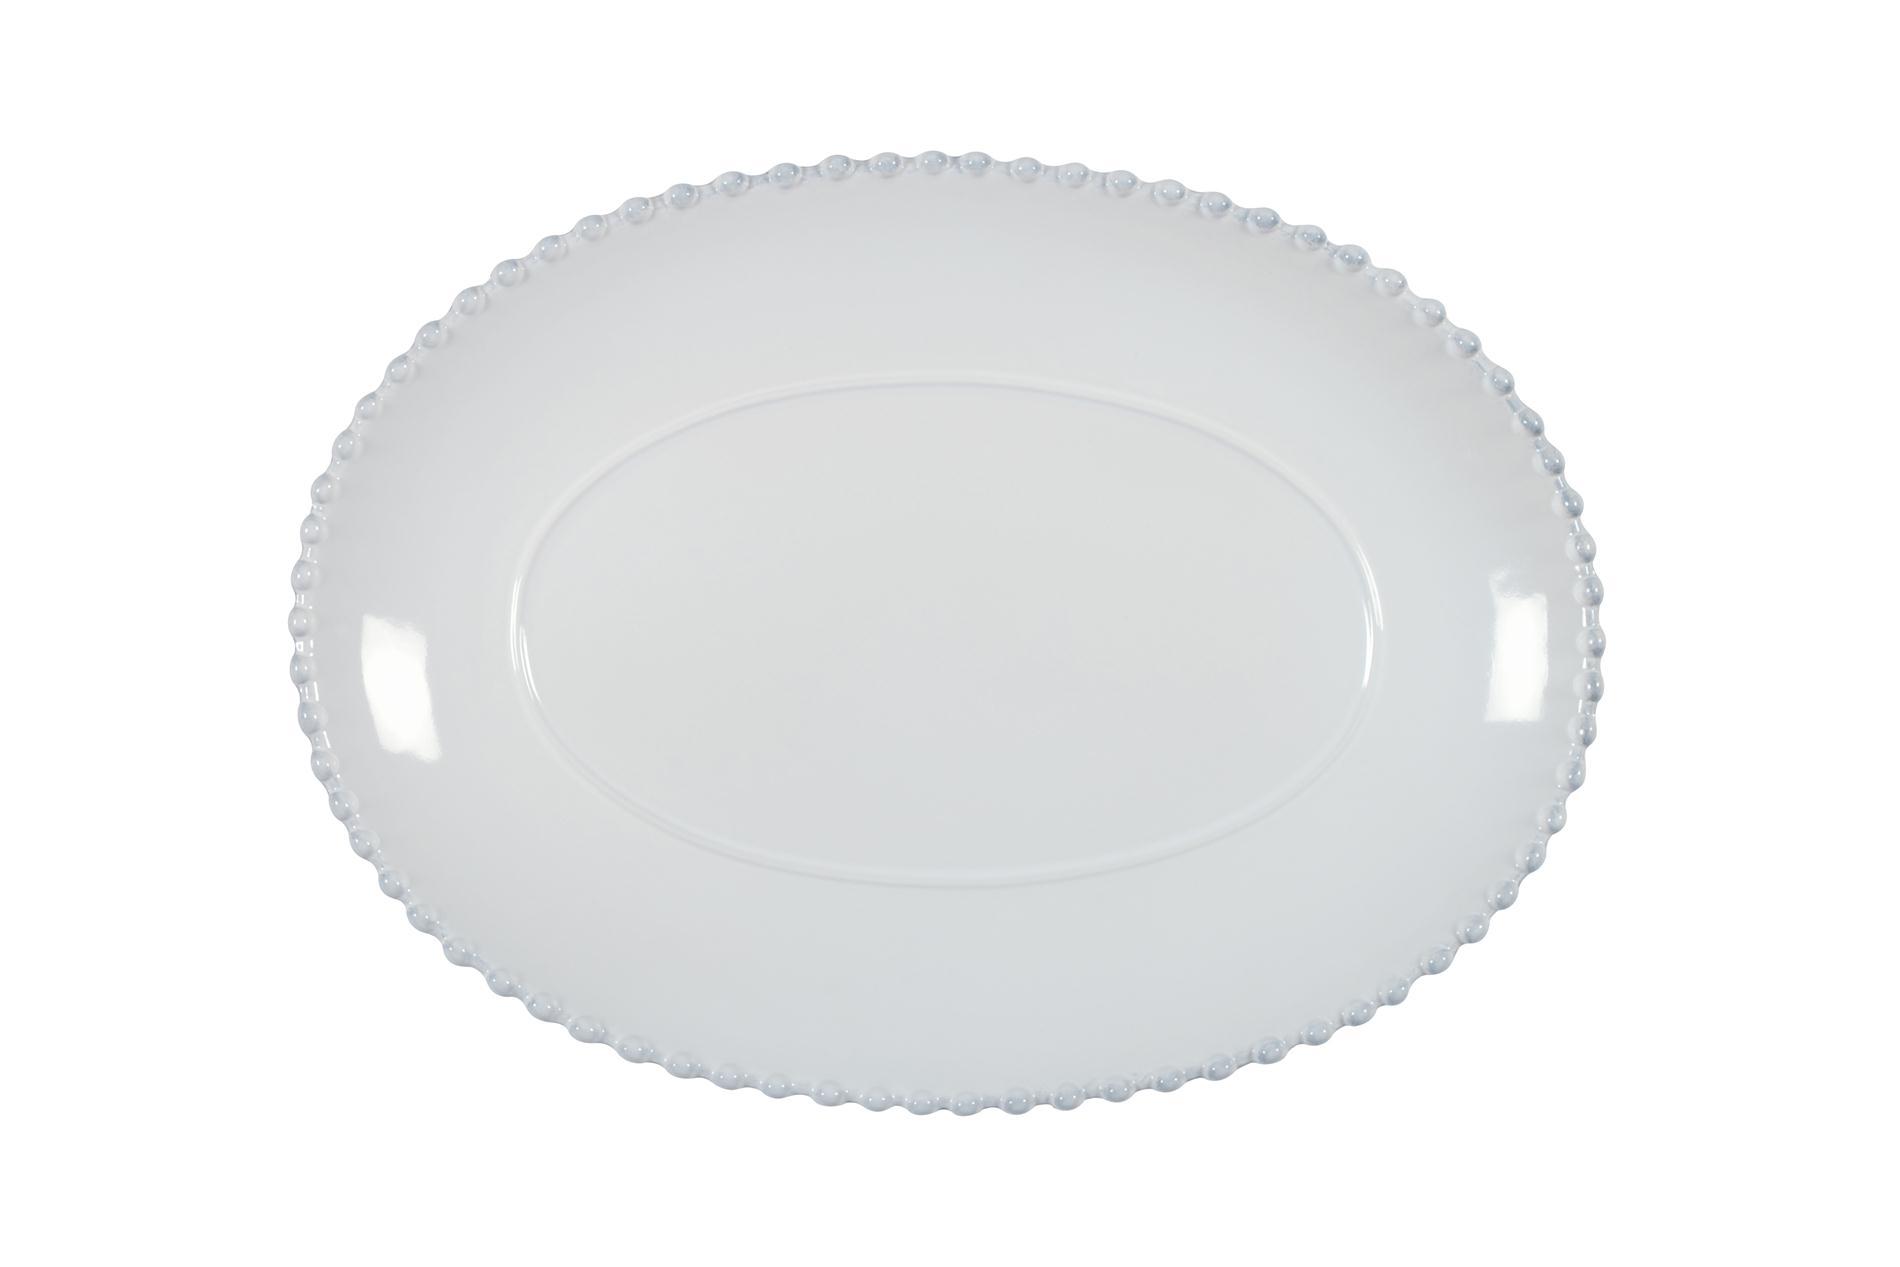 Servierplatte oval Pearl weiß, 33 cm